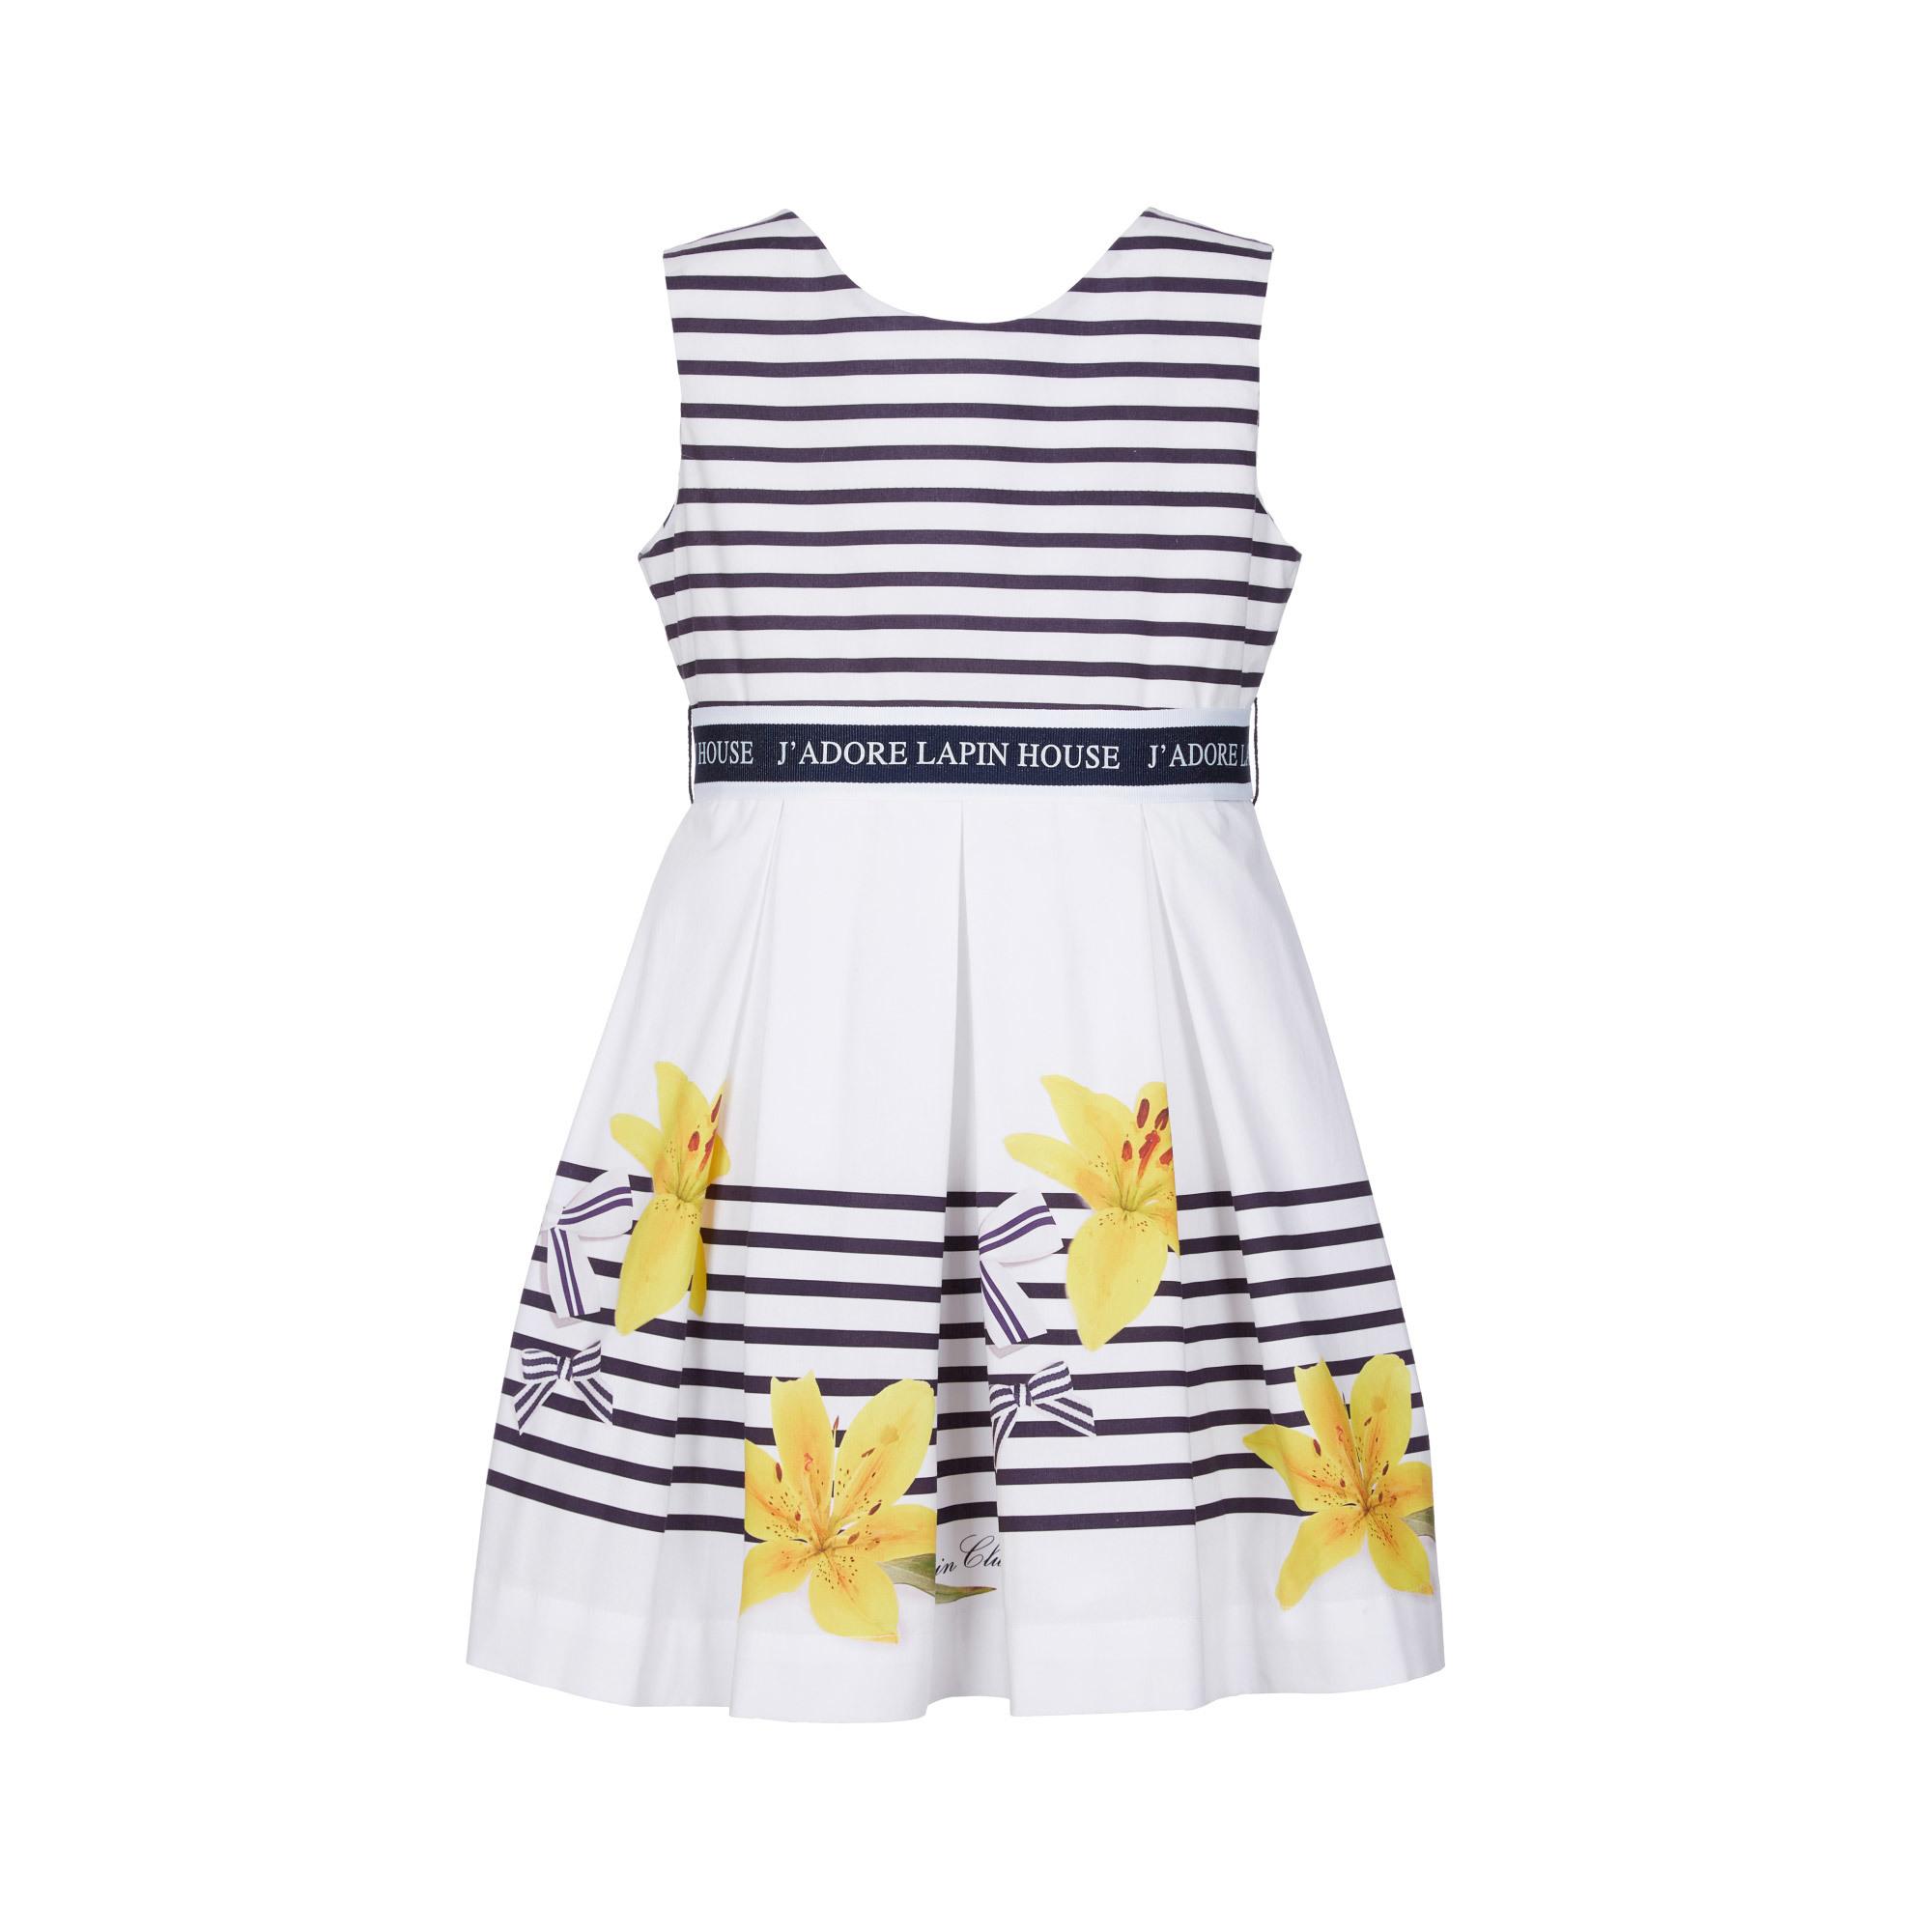 0e35b1fea28 Φορέματα-Φούστες - Lapin House